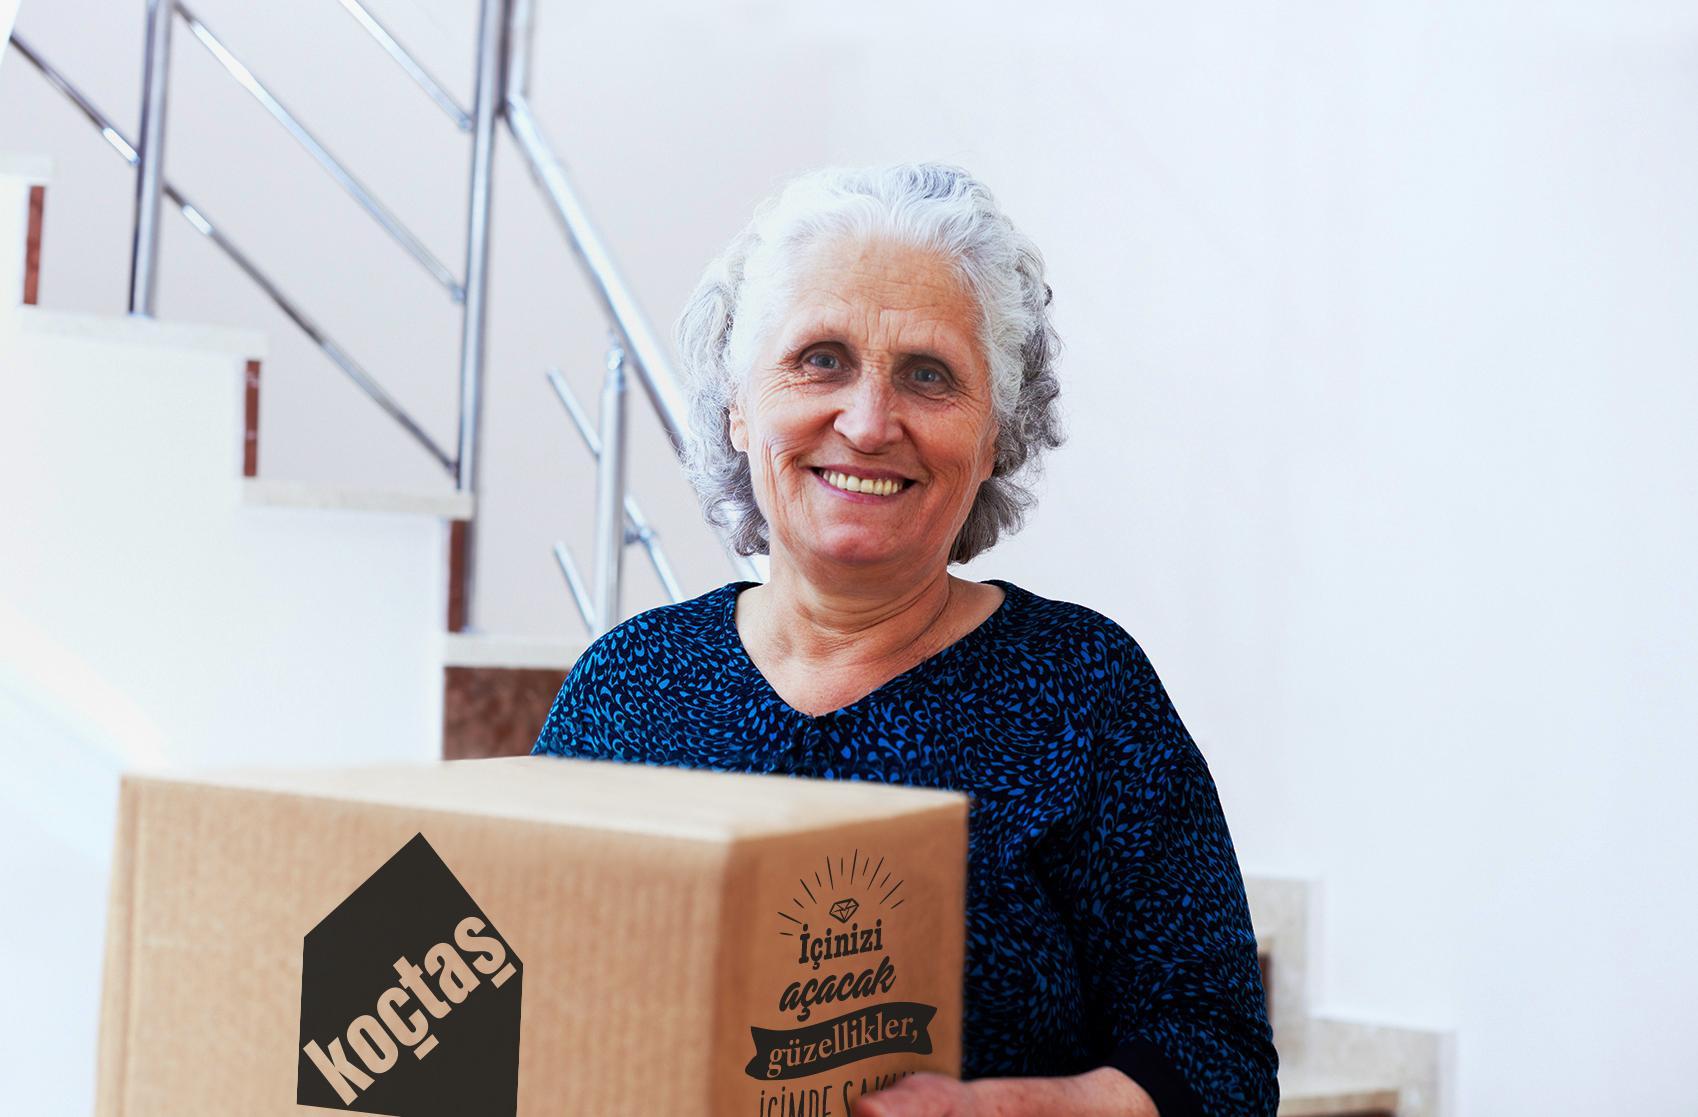 65 yaş üstüne nakliye ve montaj hizmetleri Koçtaş'ta ücretsiz